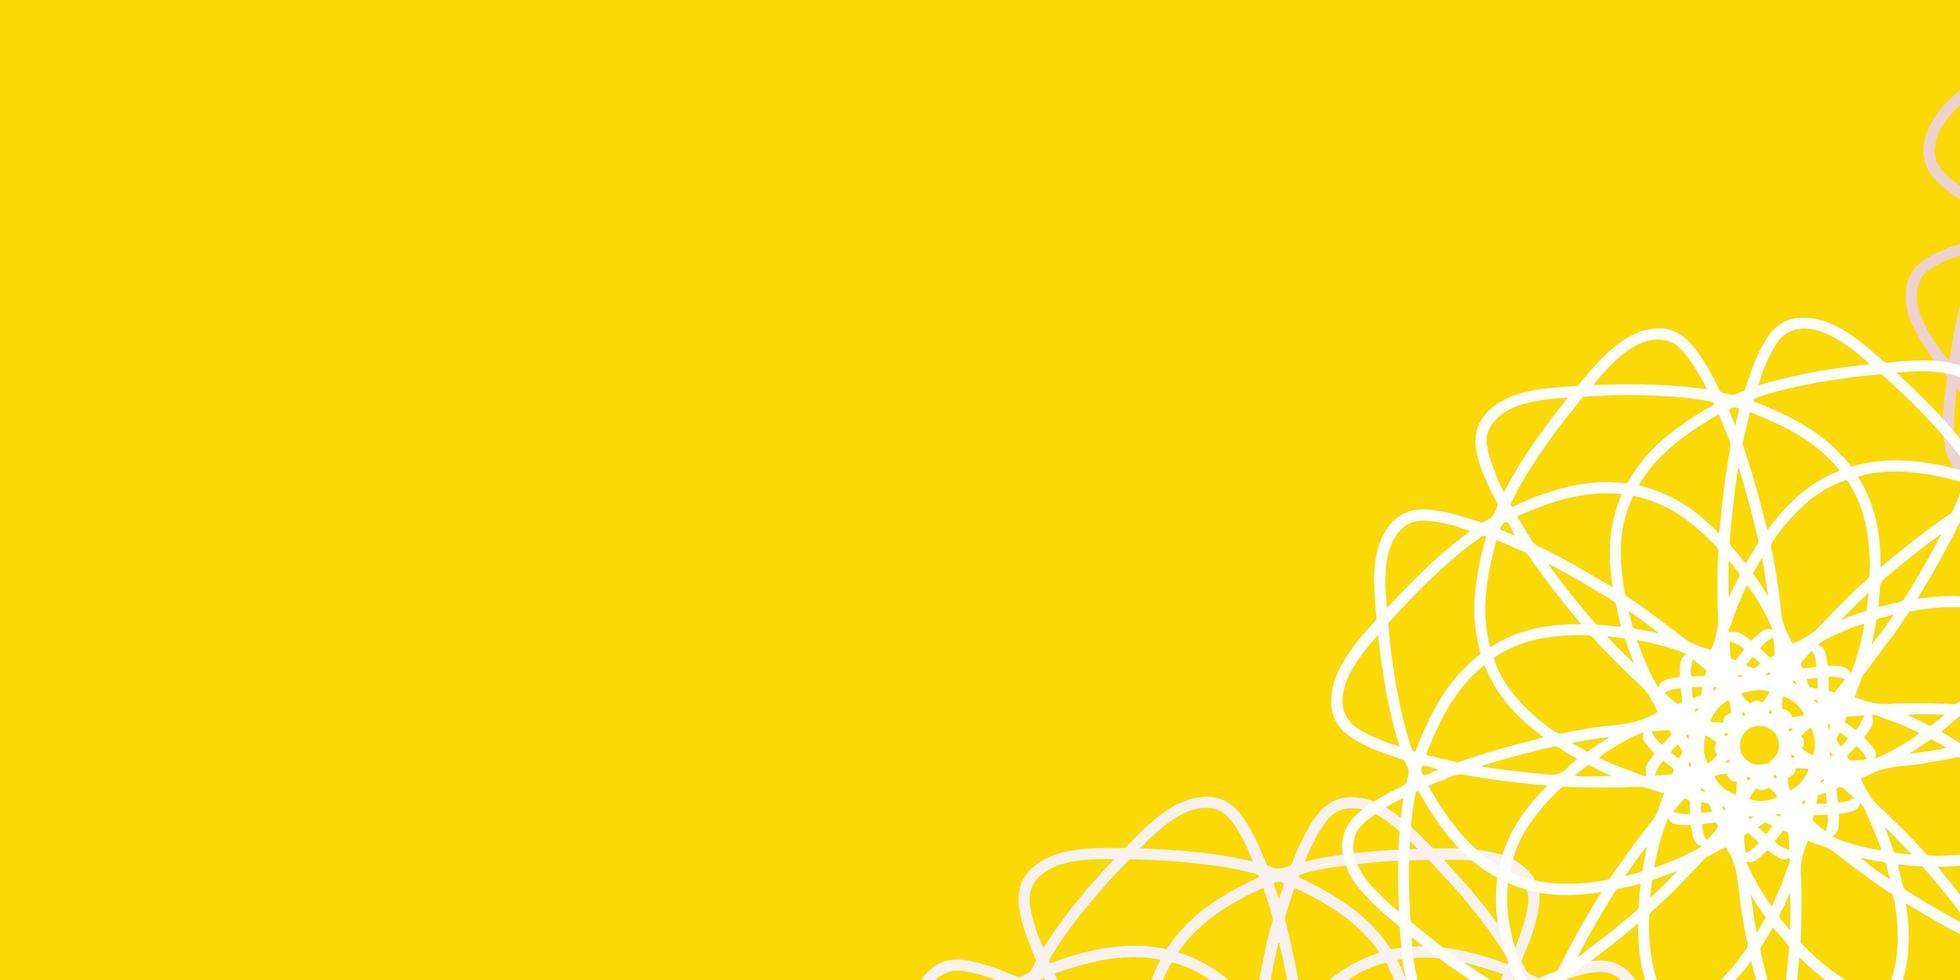 lichtoranje vector natuurlijk kunstwerk met bloemen.